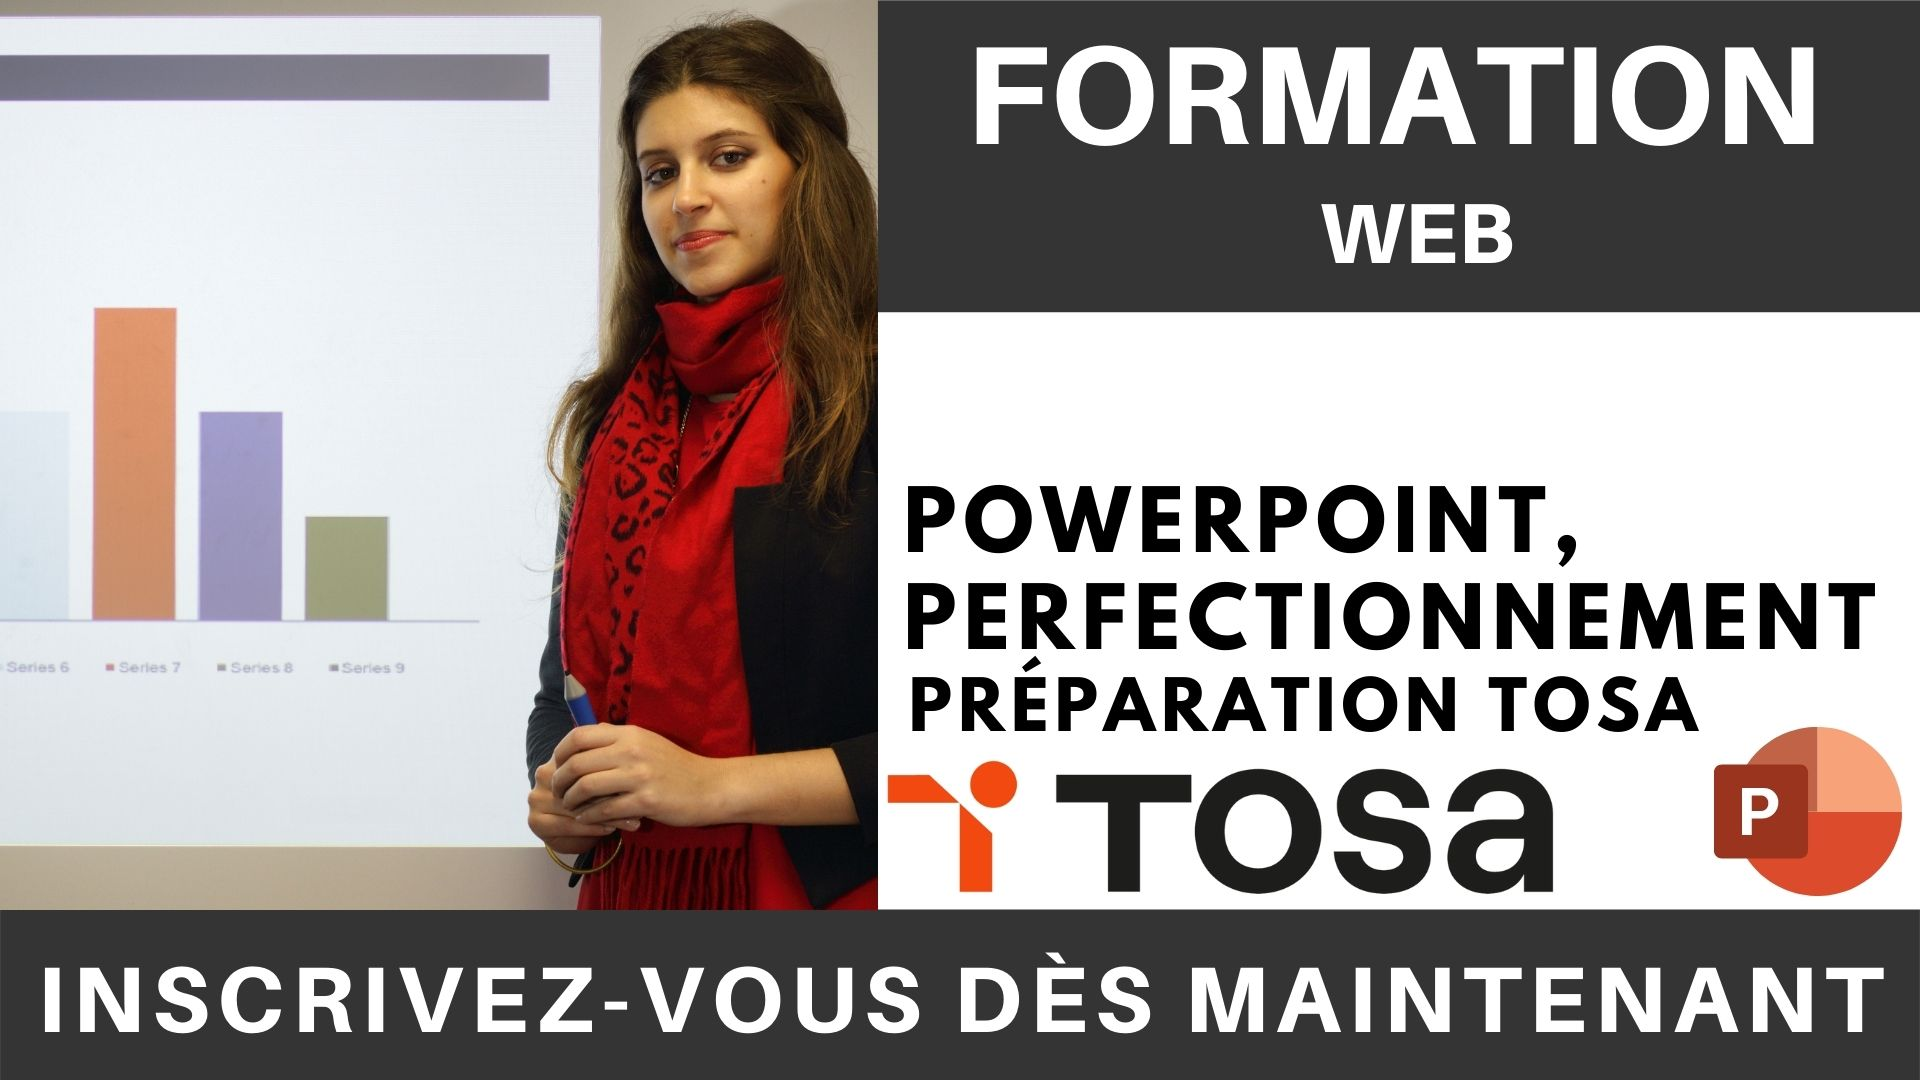 Formation web - PowerPoint, Perfectionnement - Préparation TOSA (1)